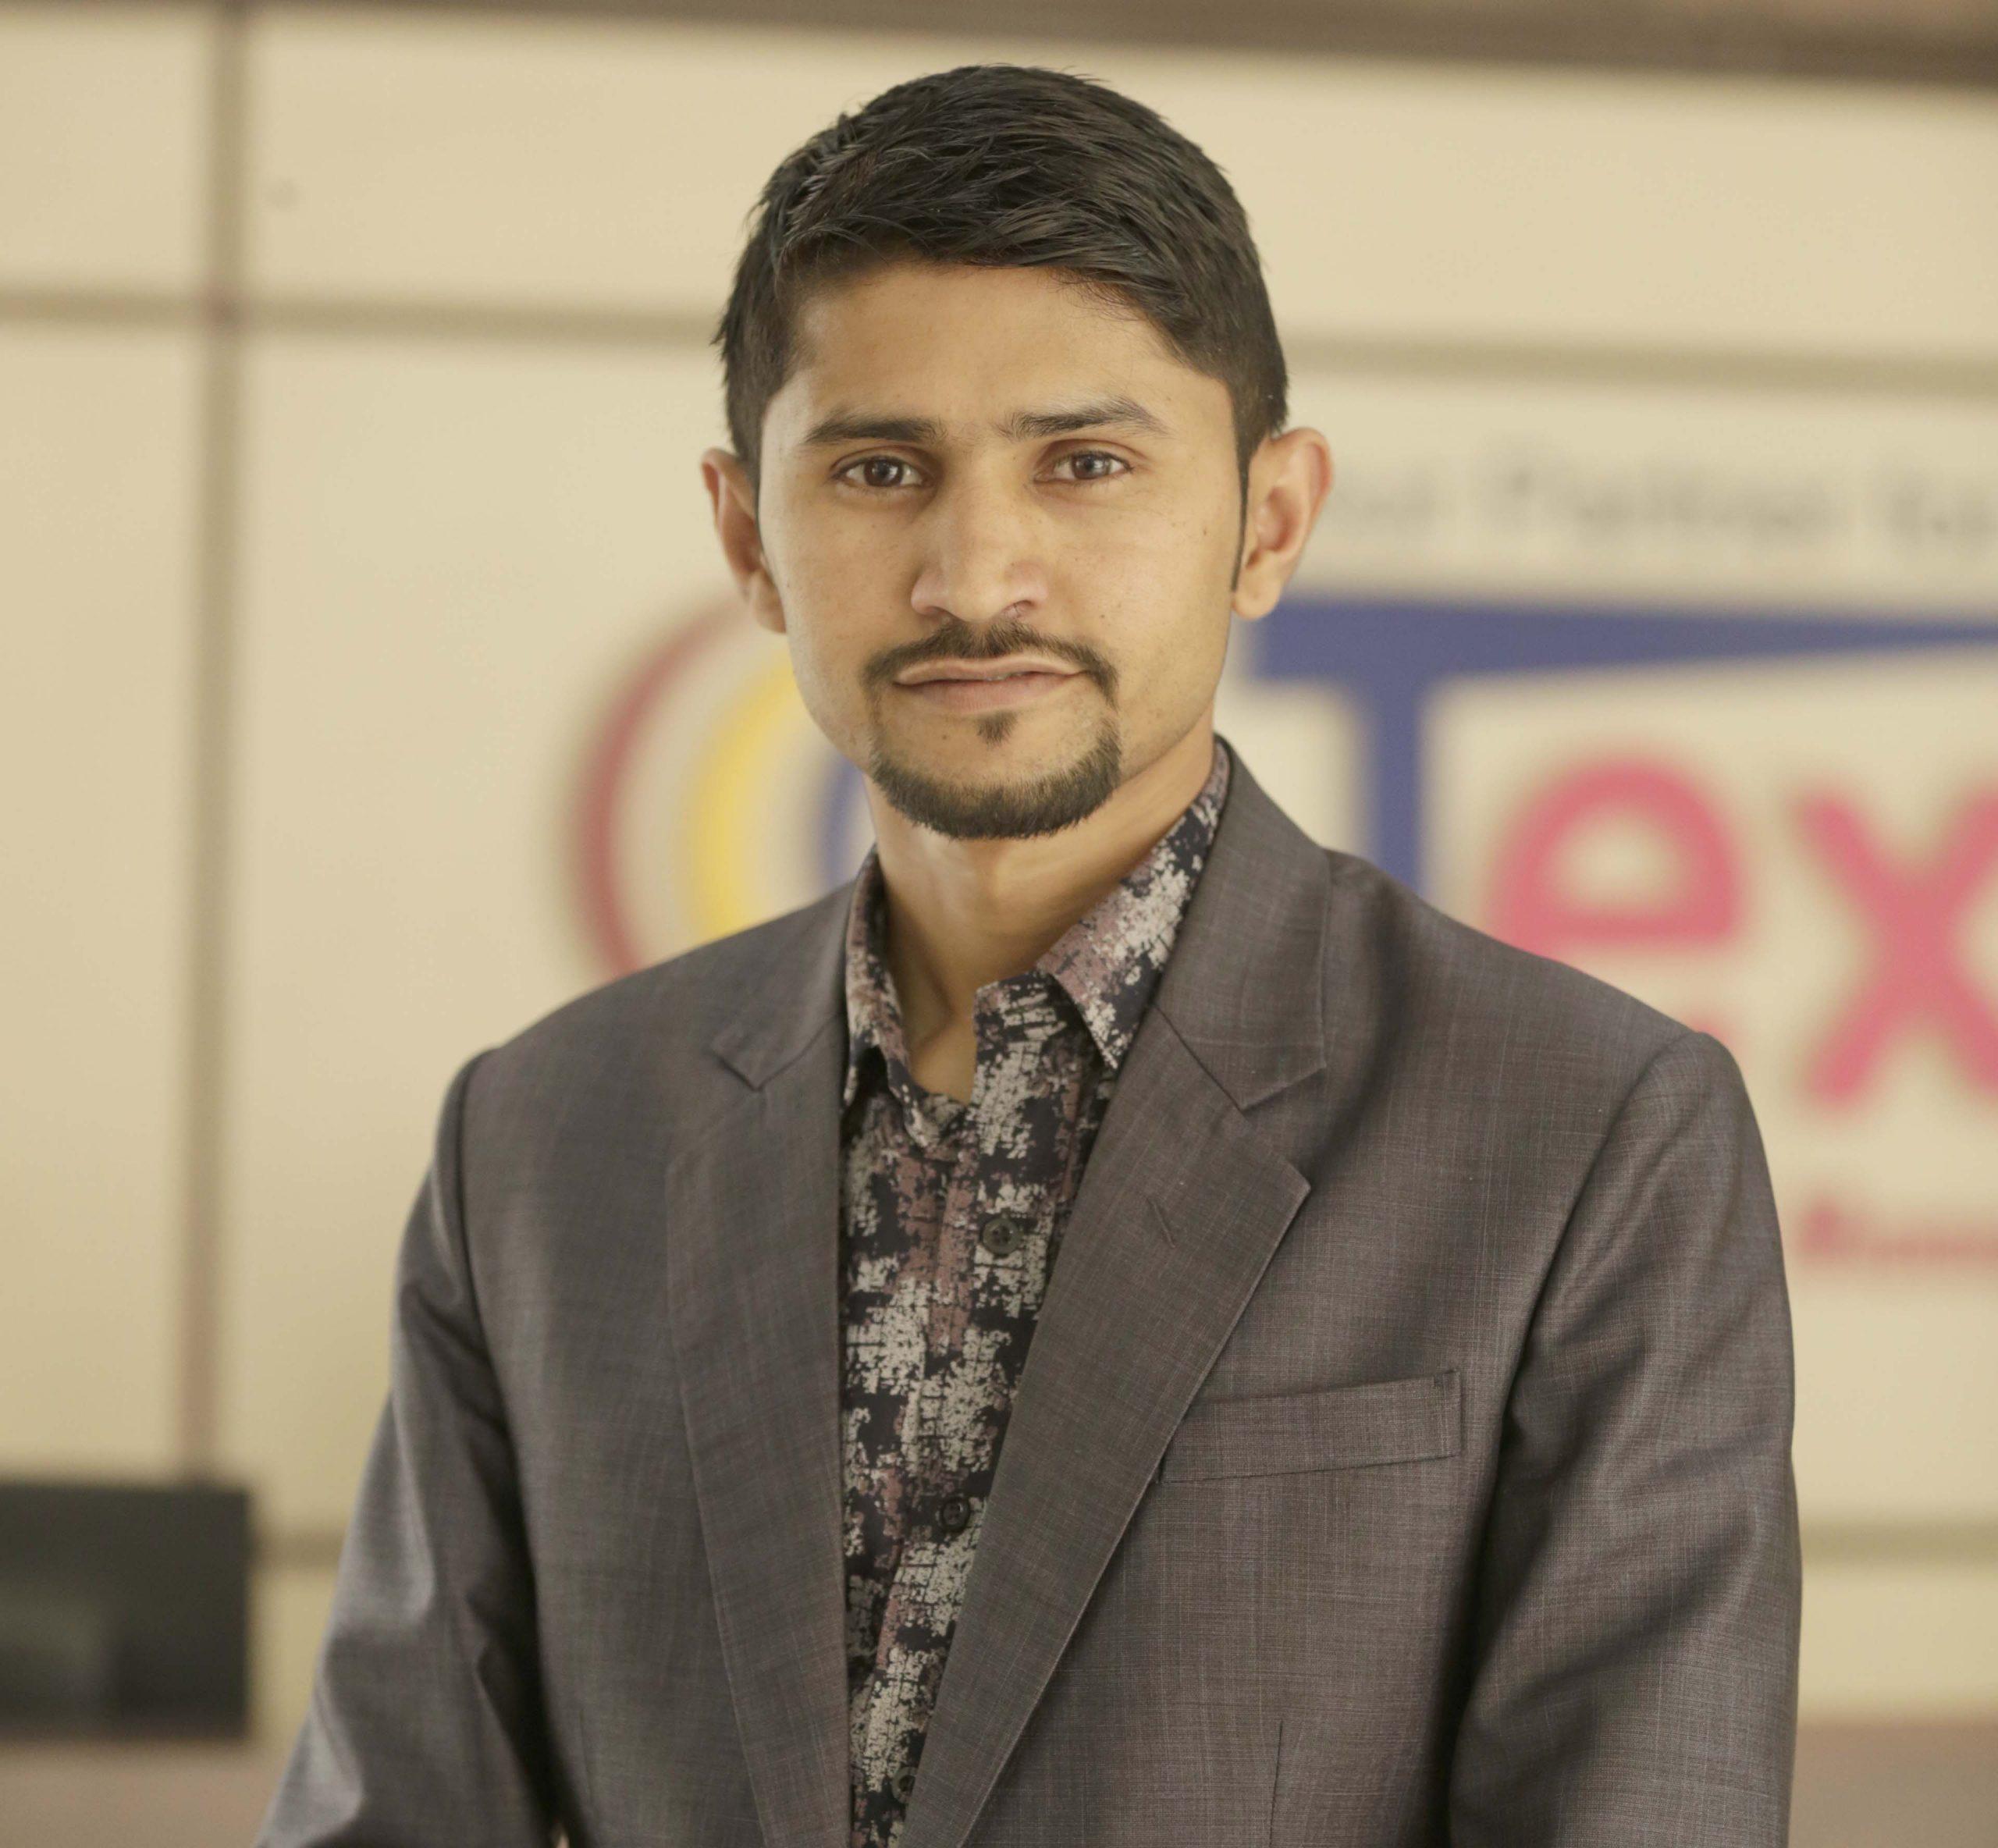 Mr. Rajendra Timalsina